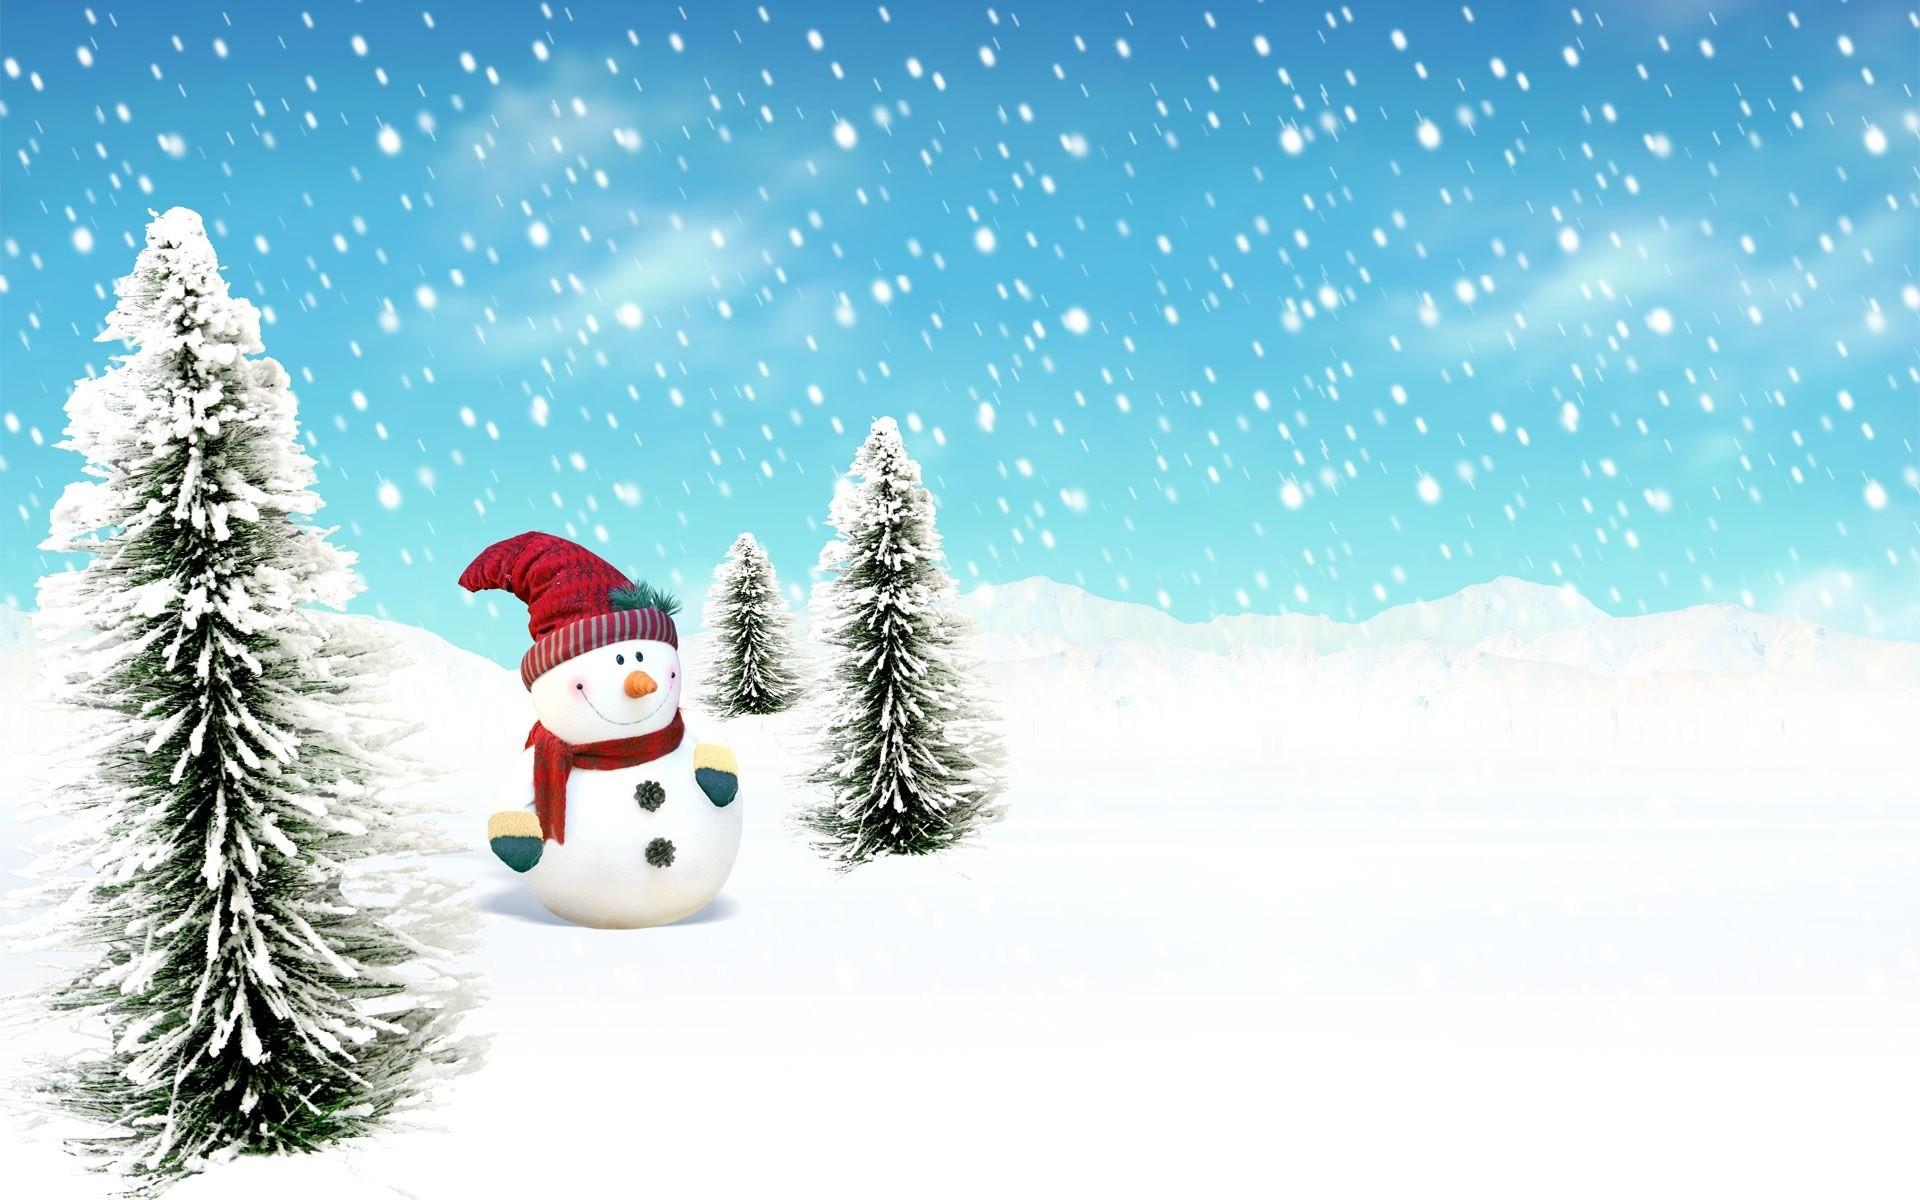 1920x1200 1920x1200 christmas | Animated Christmas Wallpapers | Christmas Wallpaper